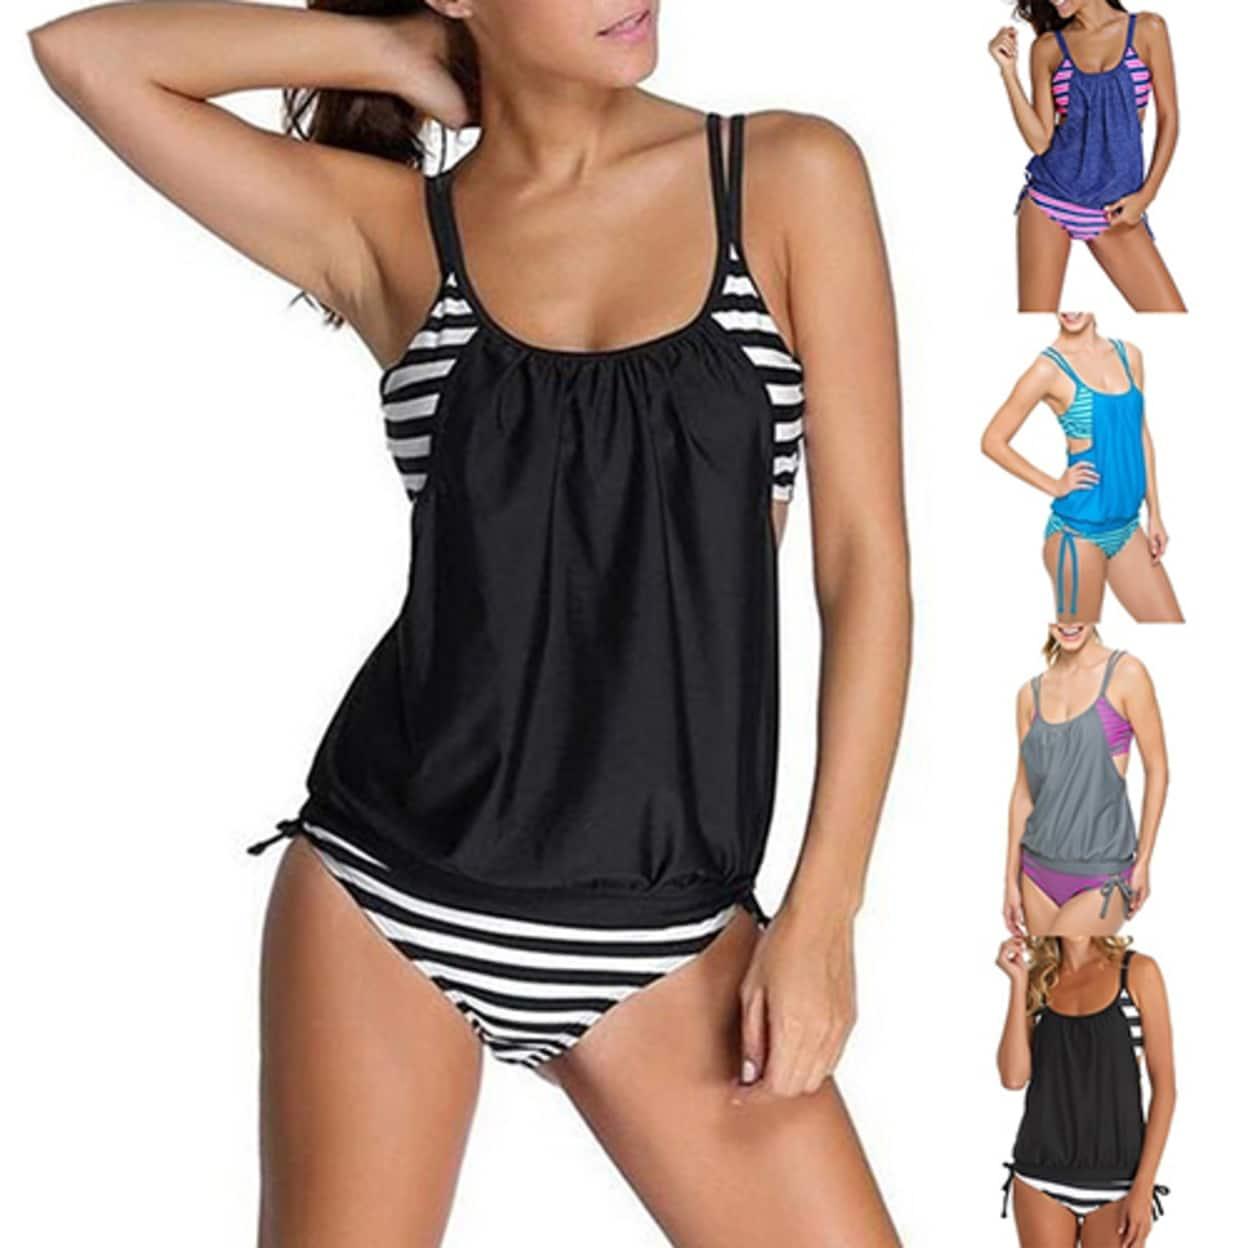 694bfff2dd Buy Two-piece Swimwear Online at Overstock | Our Best Women's Swimwear Deals